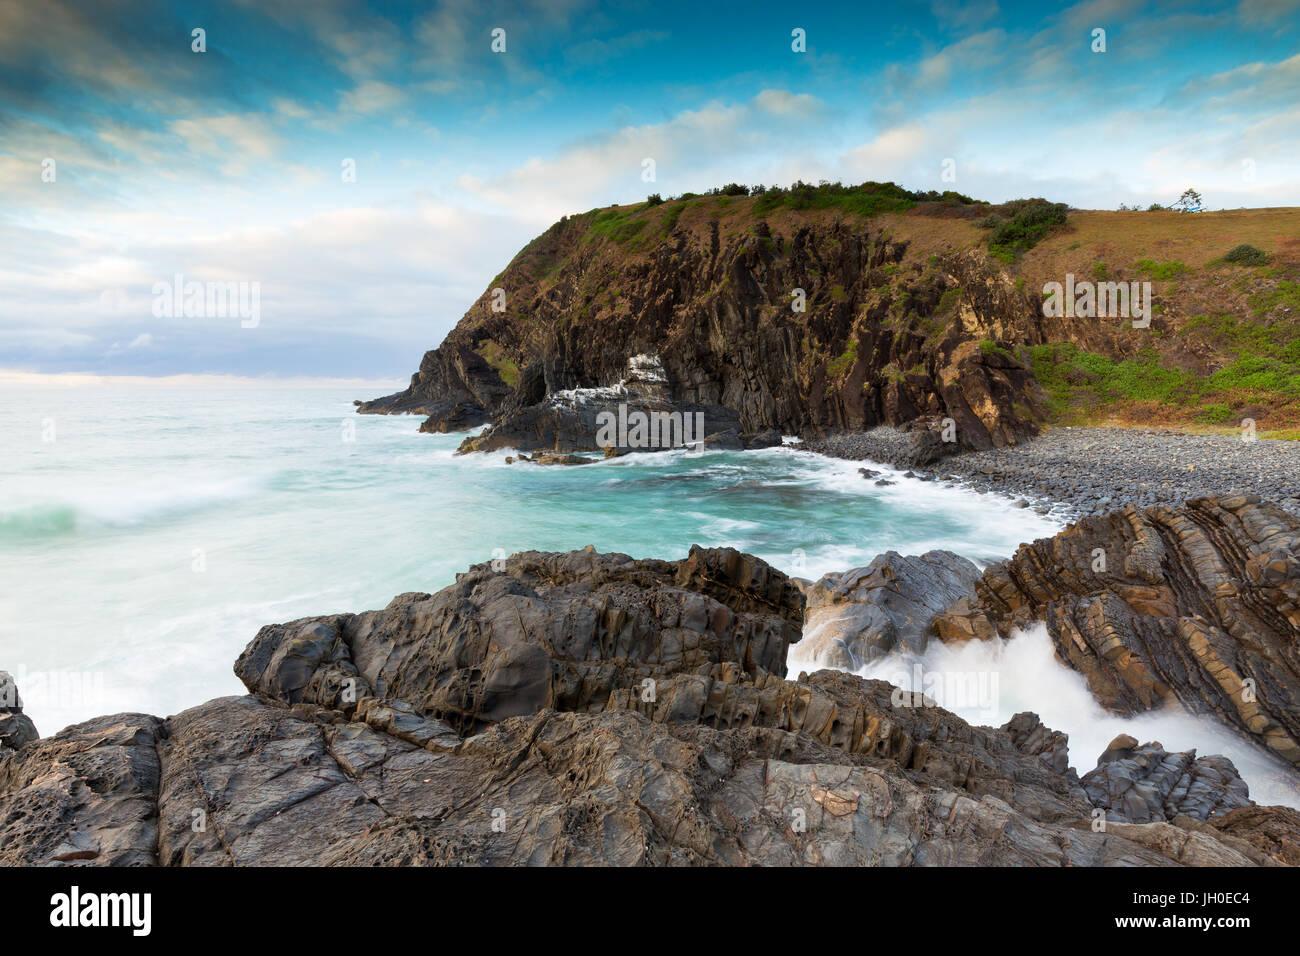 La lumière du matin doux rêveur met en lumière une scène côtière sur la côte Photo Stock